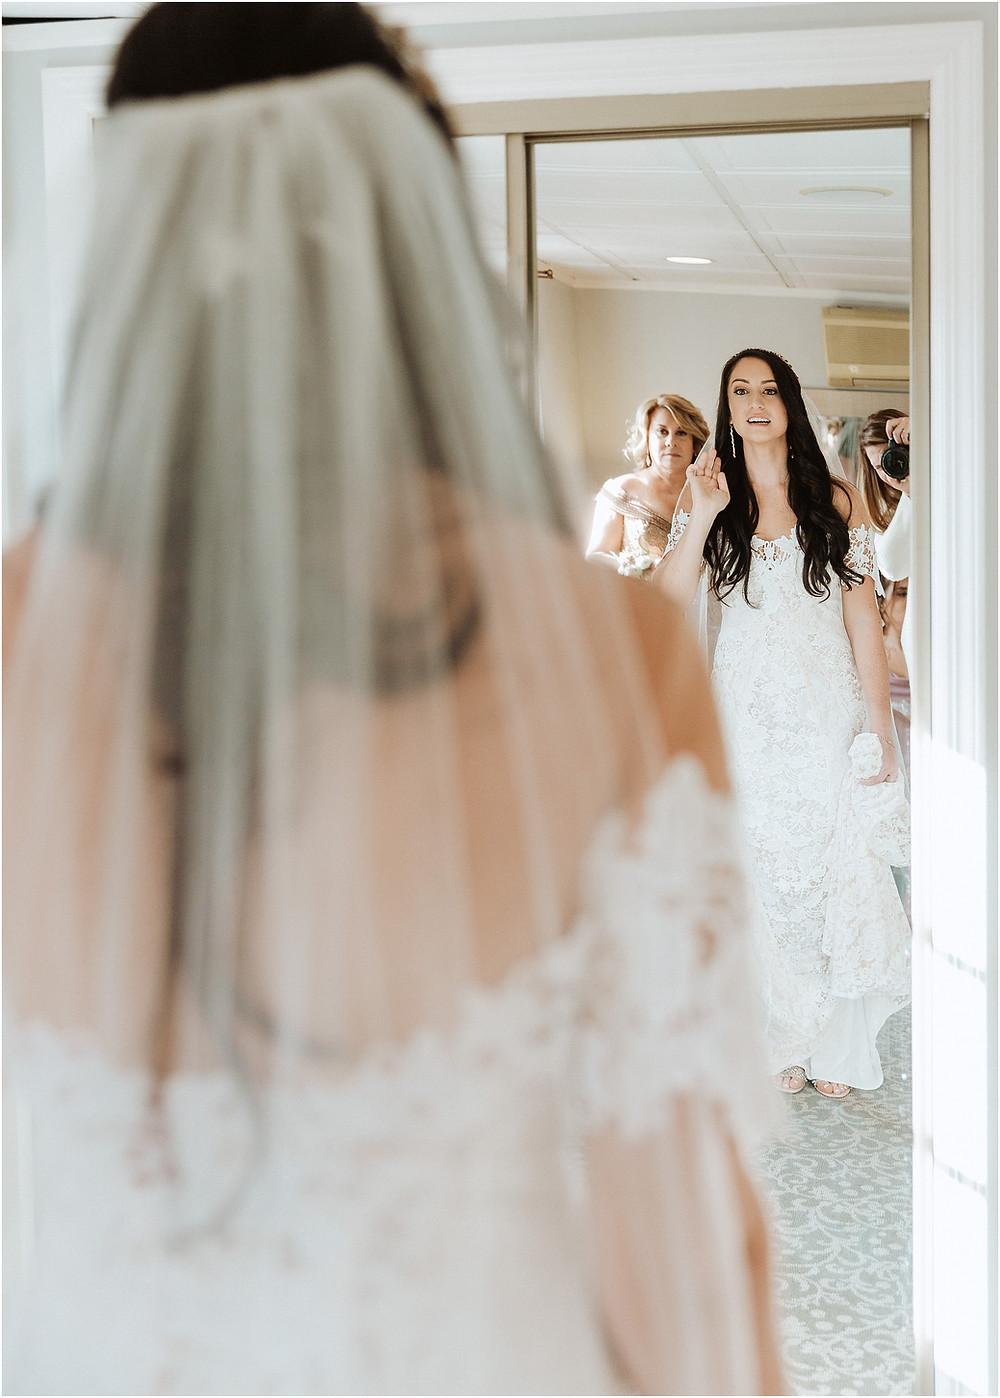 Getting Ready Bridal Portrait